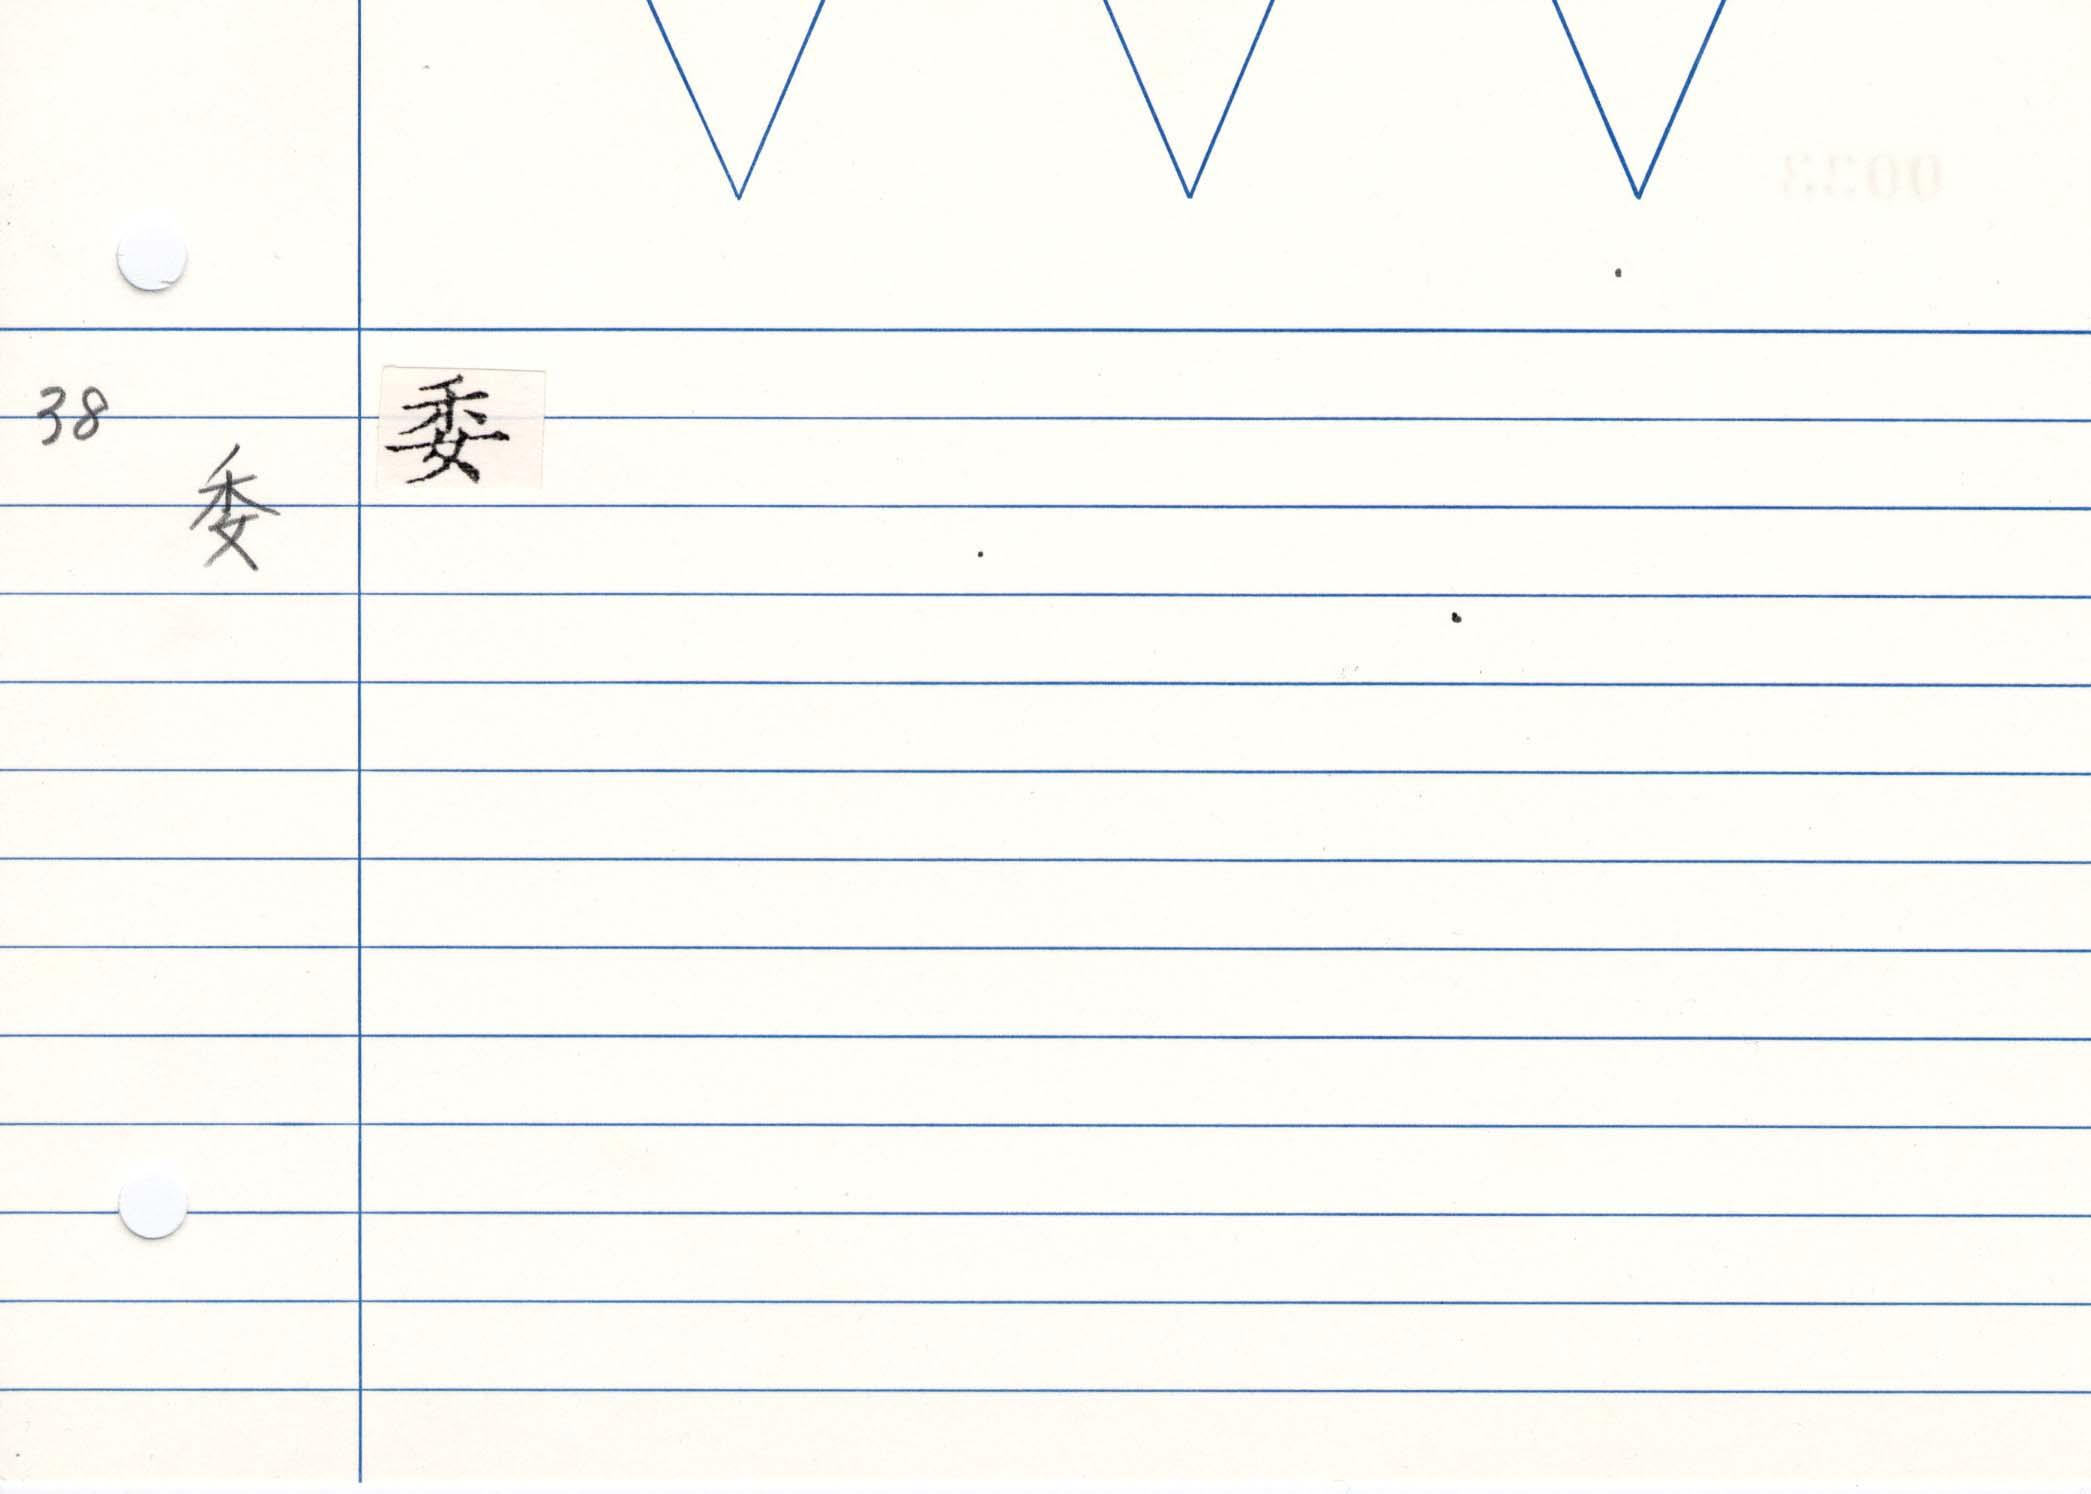 28_華嚴孔目(高山寺本)/cards/0033.jpg